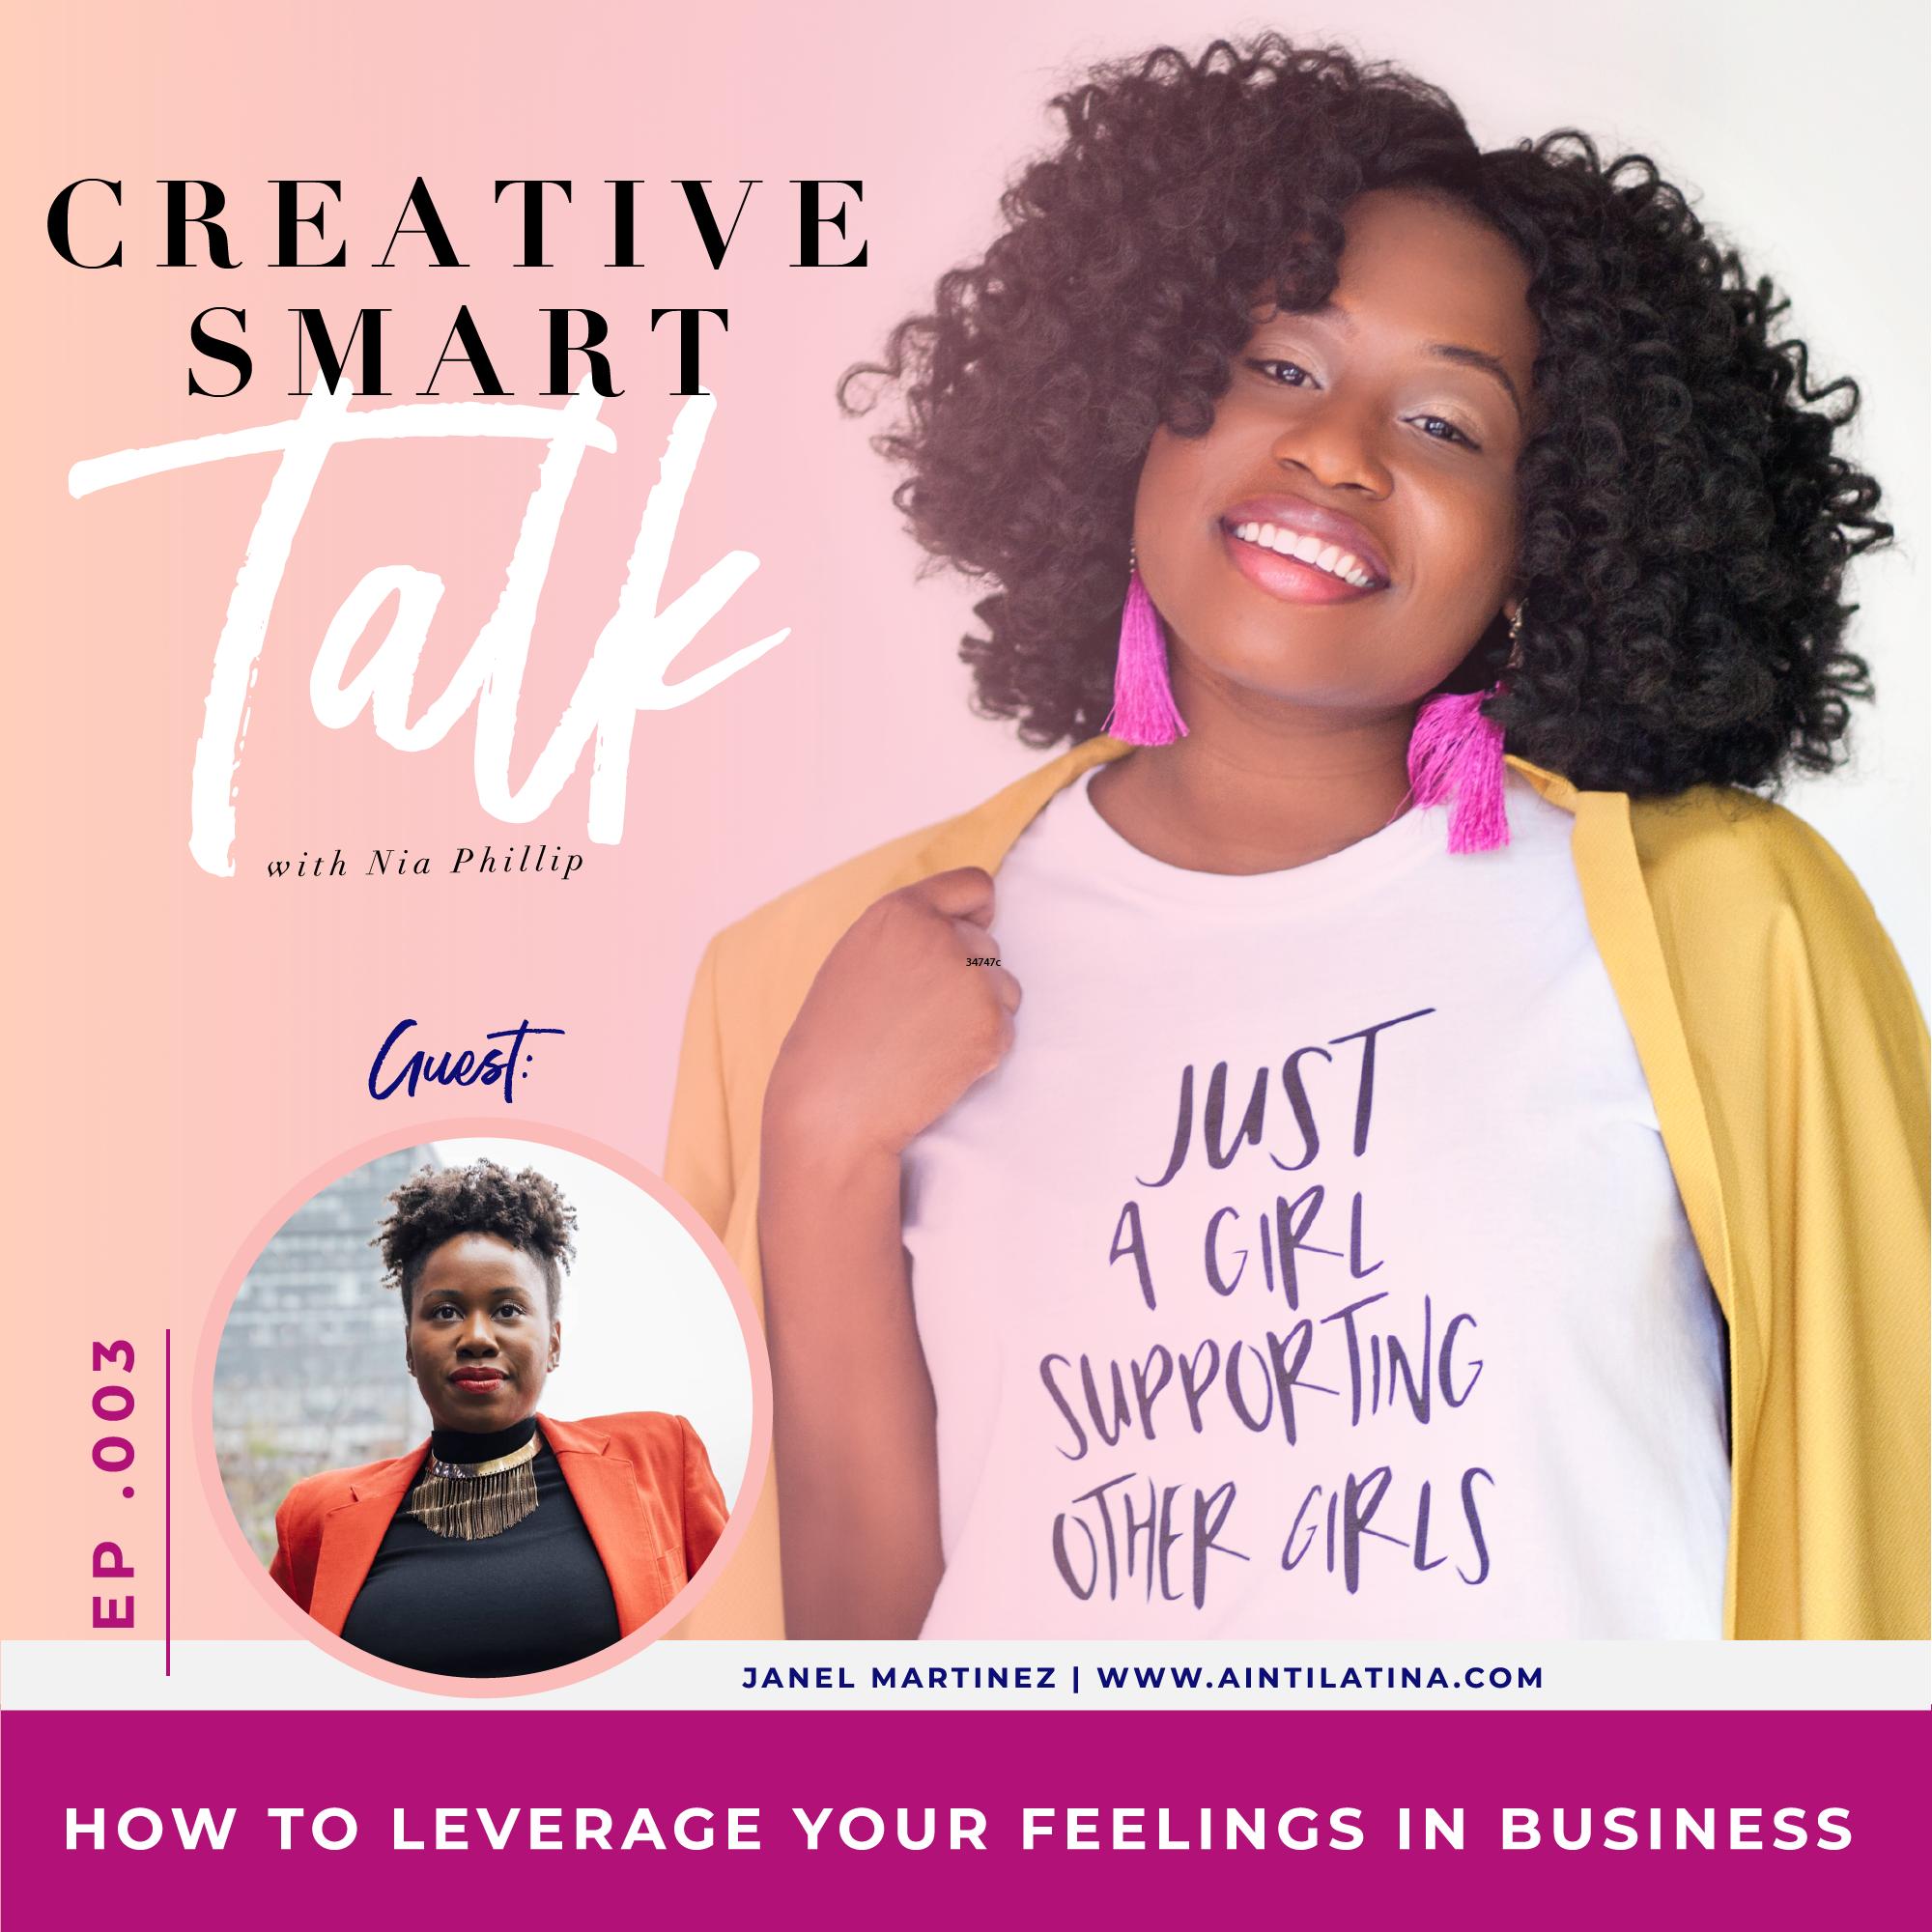 CreativeSmartTalk-PodcastInstagram Feed.png